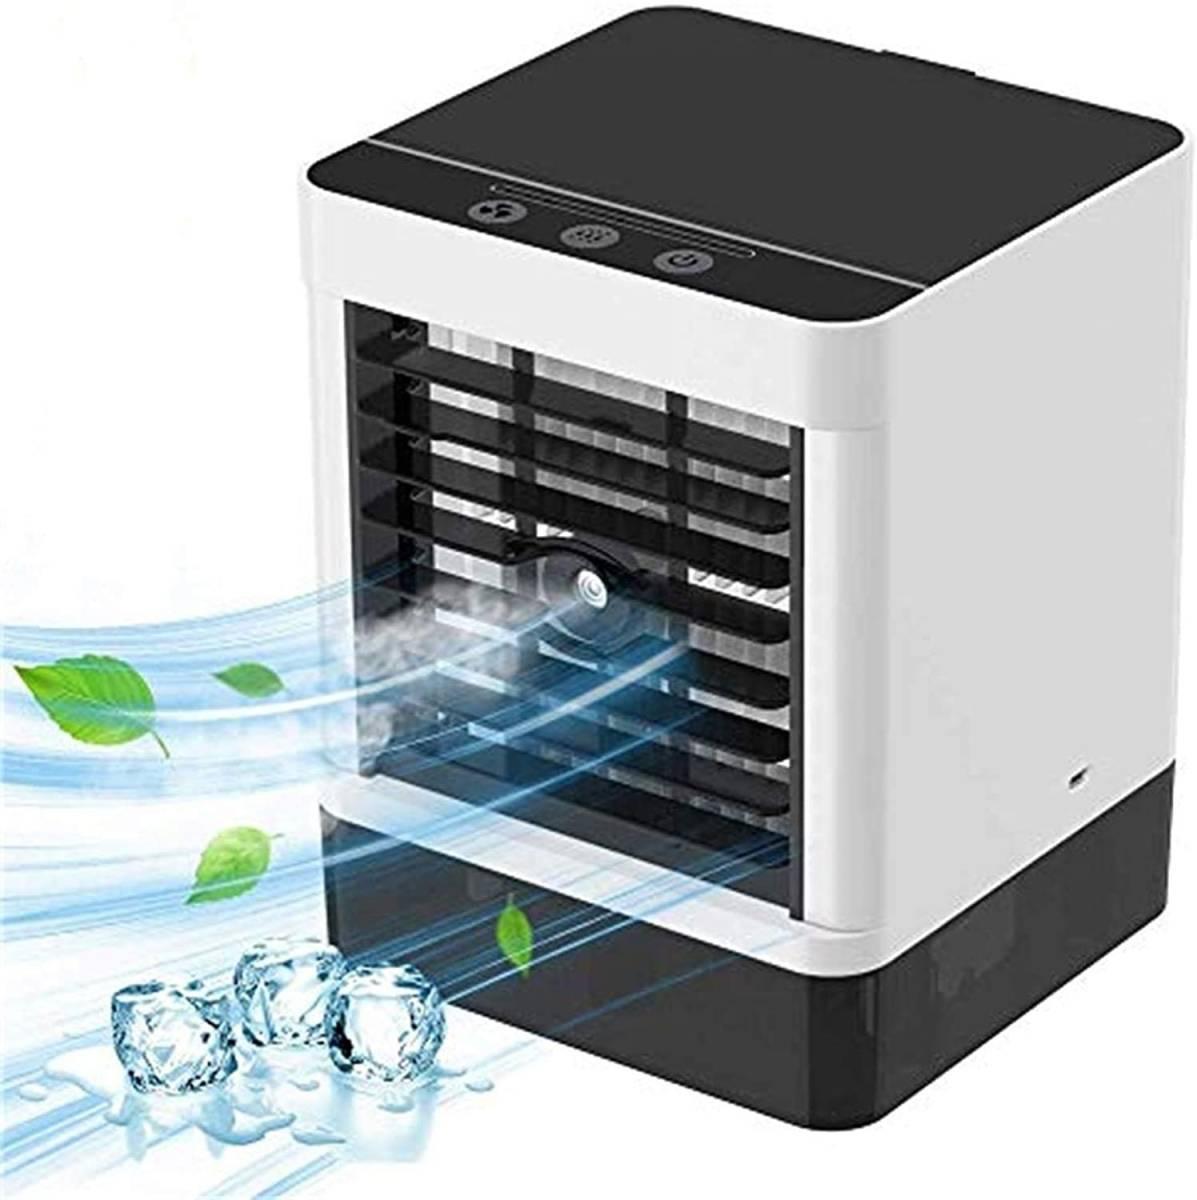 225 (1円スタート)冷風機 卓上冷風機 扇風機 3段階風量調節 空気浄化 加湿 冷却機能 静音 人気 大容量 持ち運びが容易 強風小型